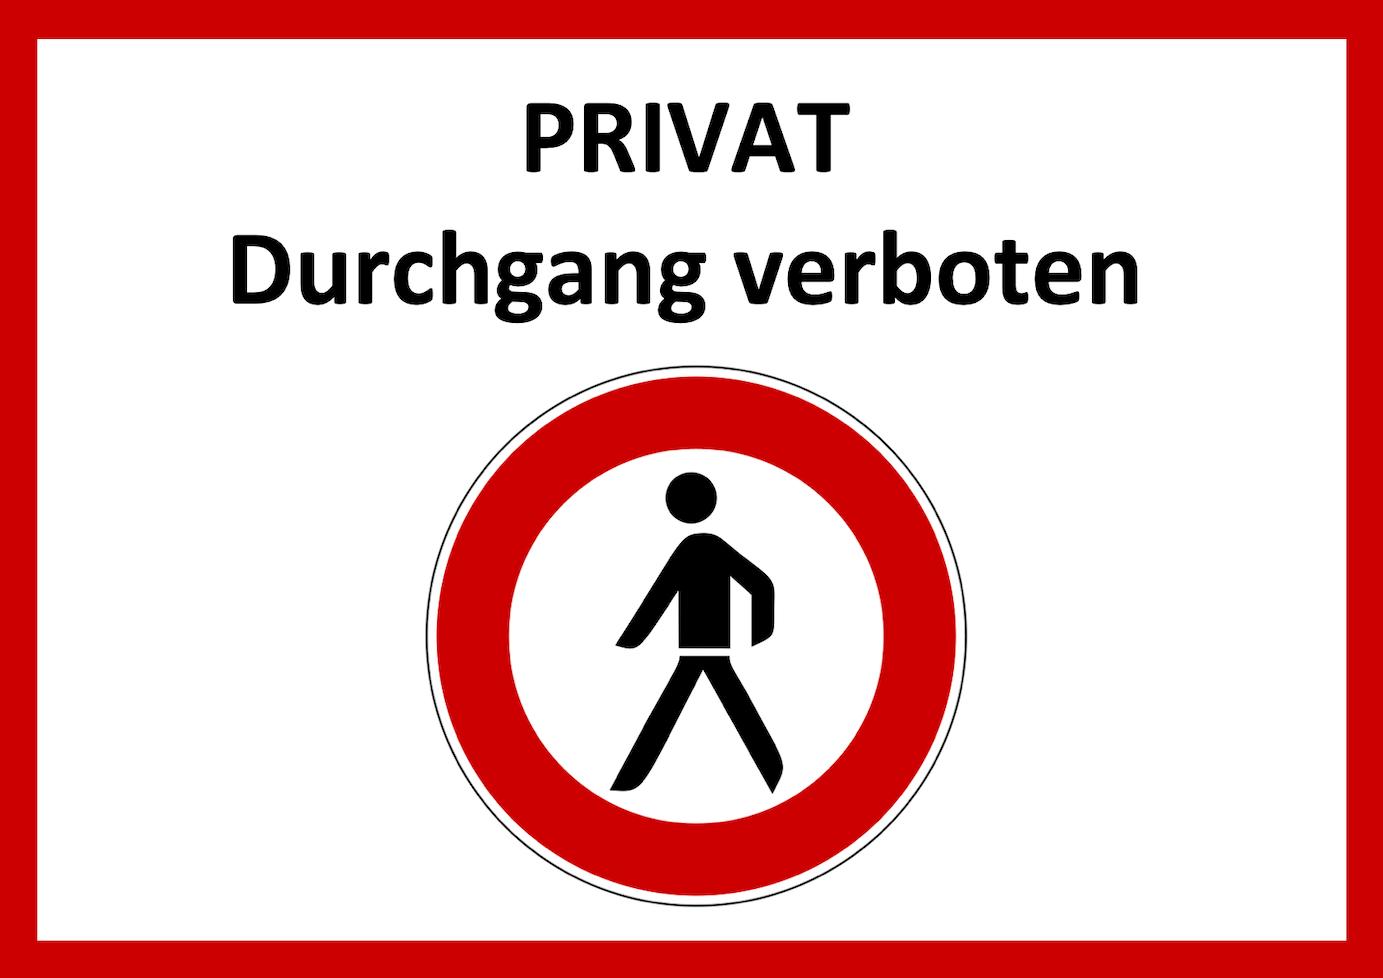 Durchgang verboten Schild zum Ausdrucken (gratis) | Muster ...